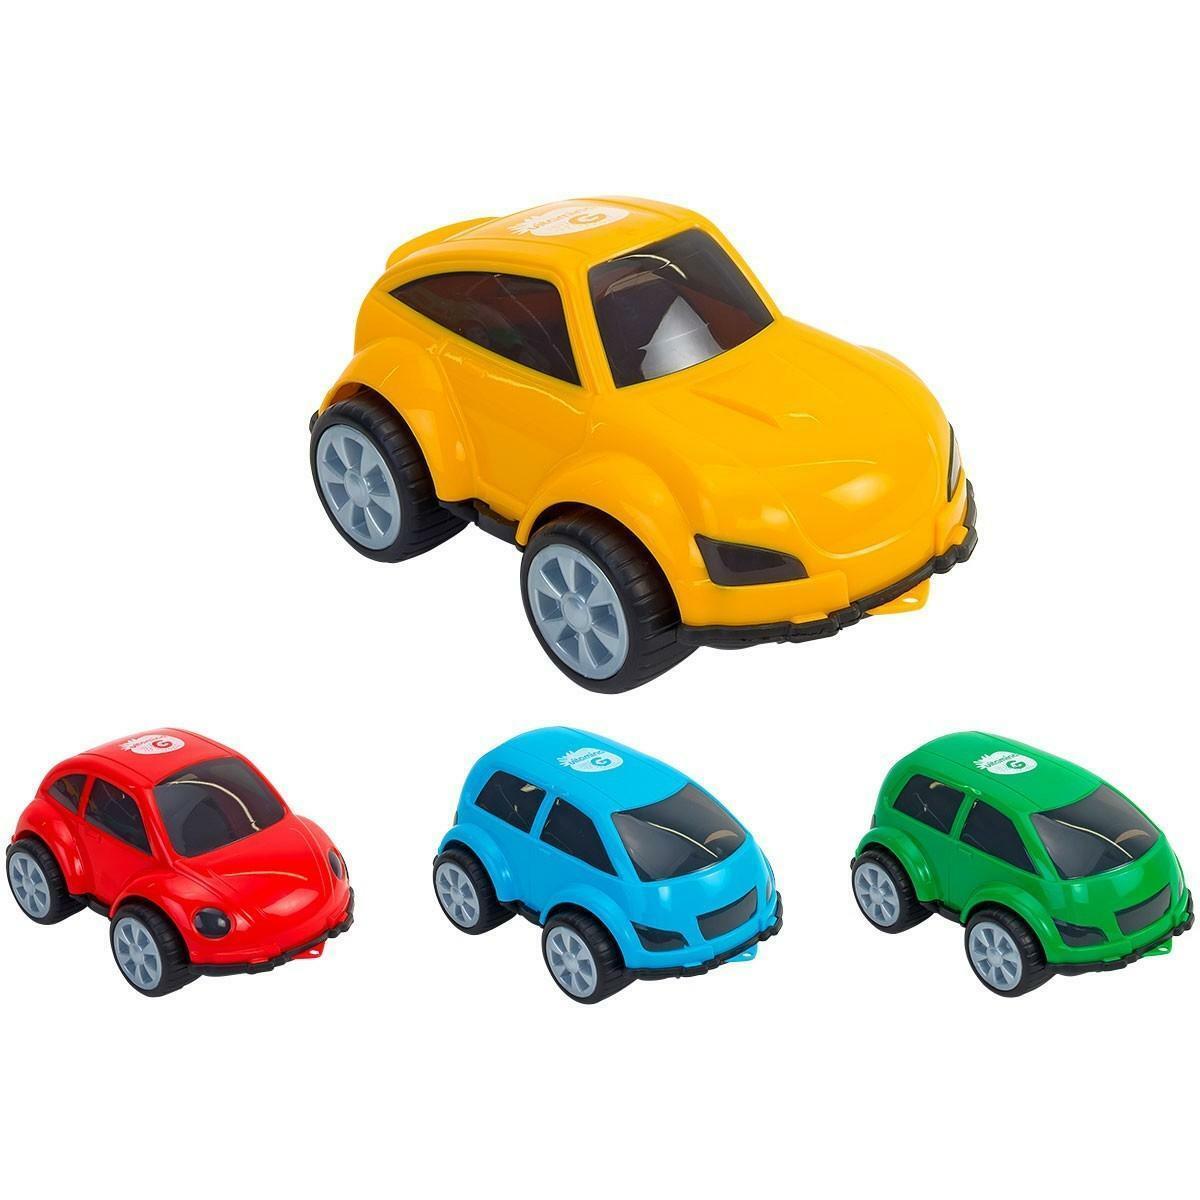 globo globo vitamina g - color car